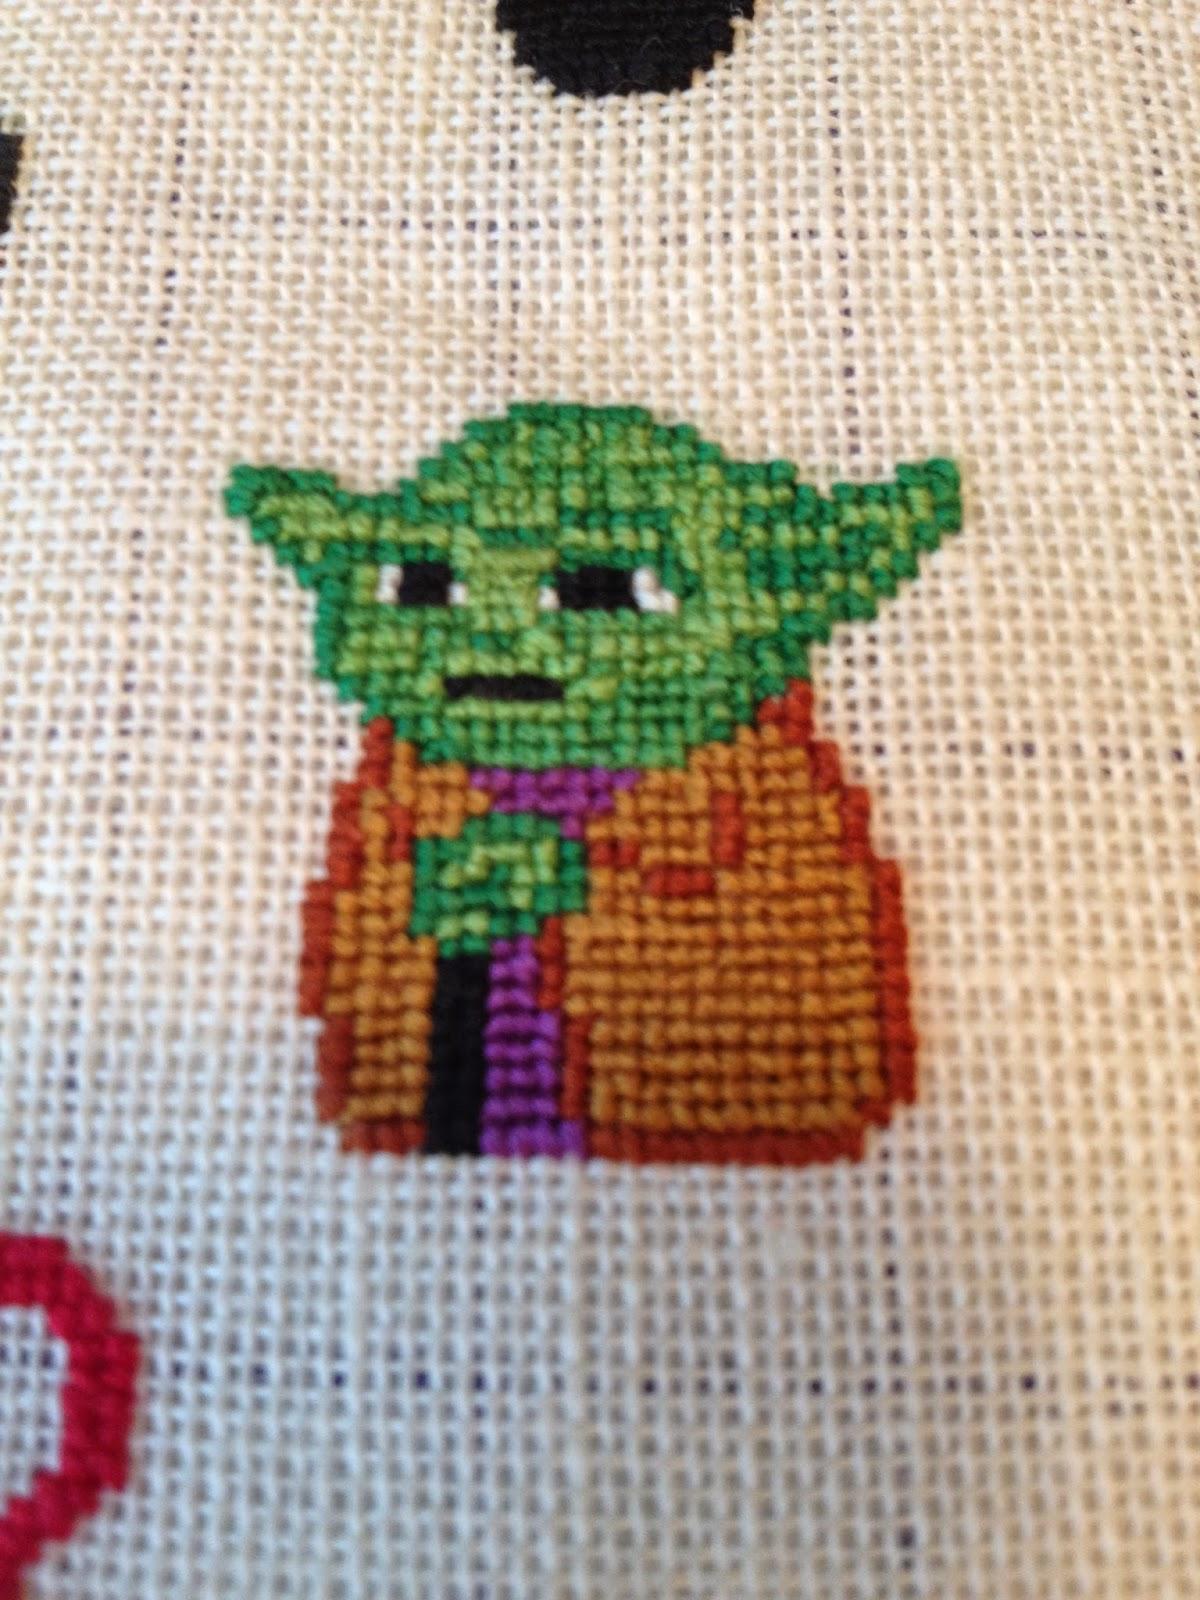 Yoda korssting